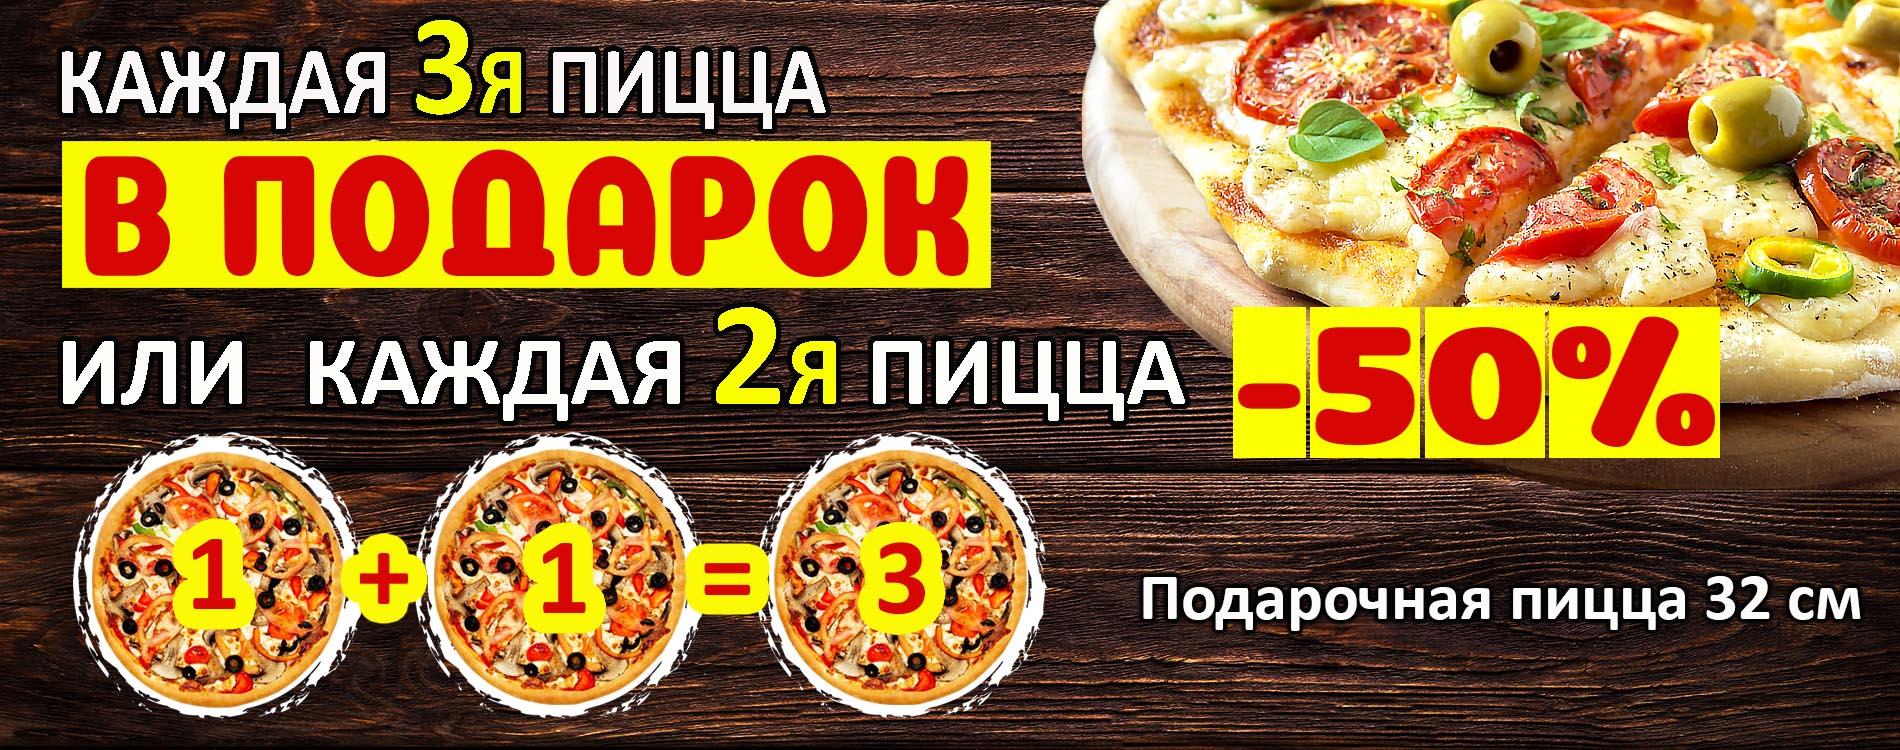 Вкусная пицца акция вишневое